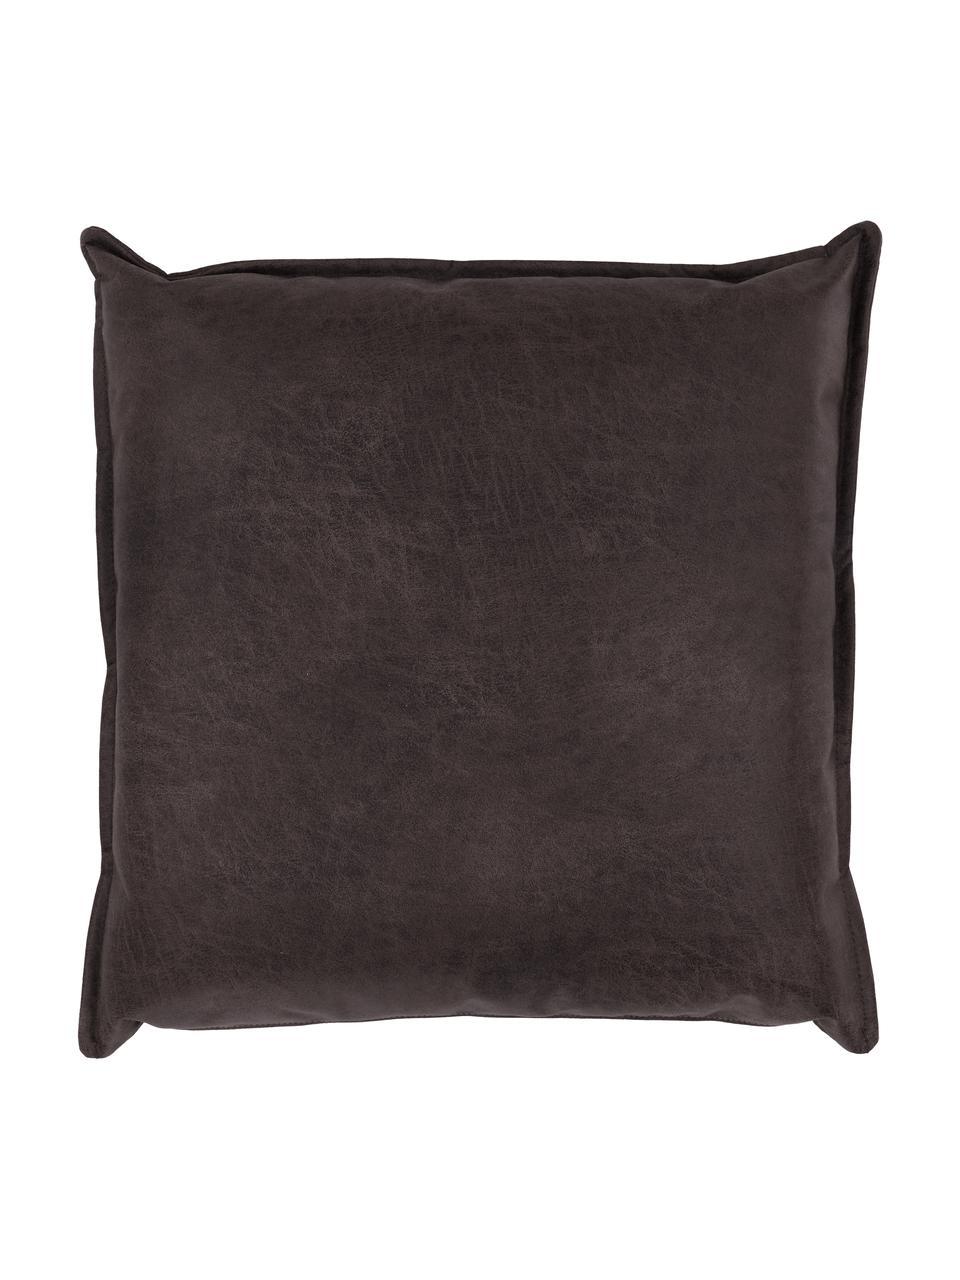 Cuscino arredo in pelle marrone-grigio Lennon, Marrone, grigio, Larg. 60 x Lung. 60 cm